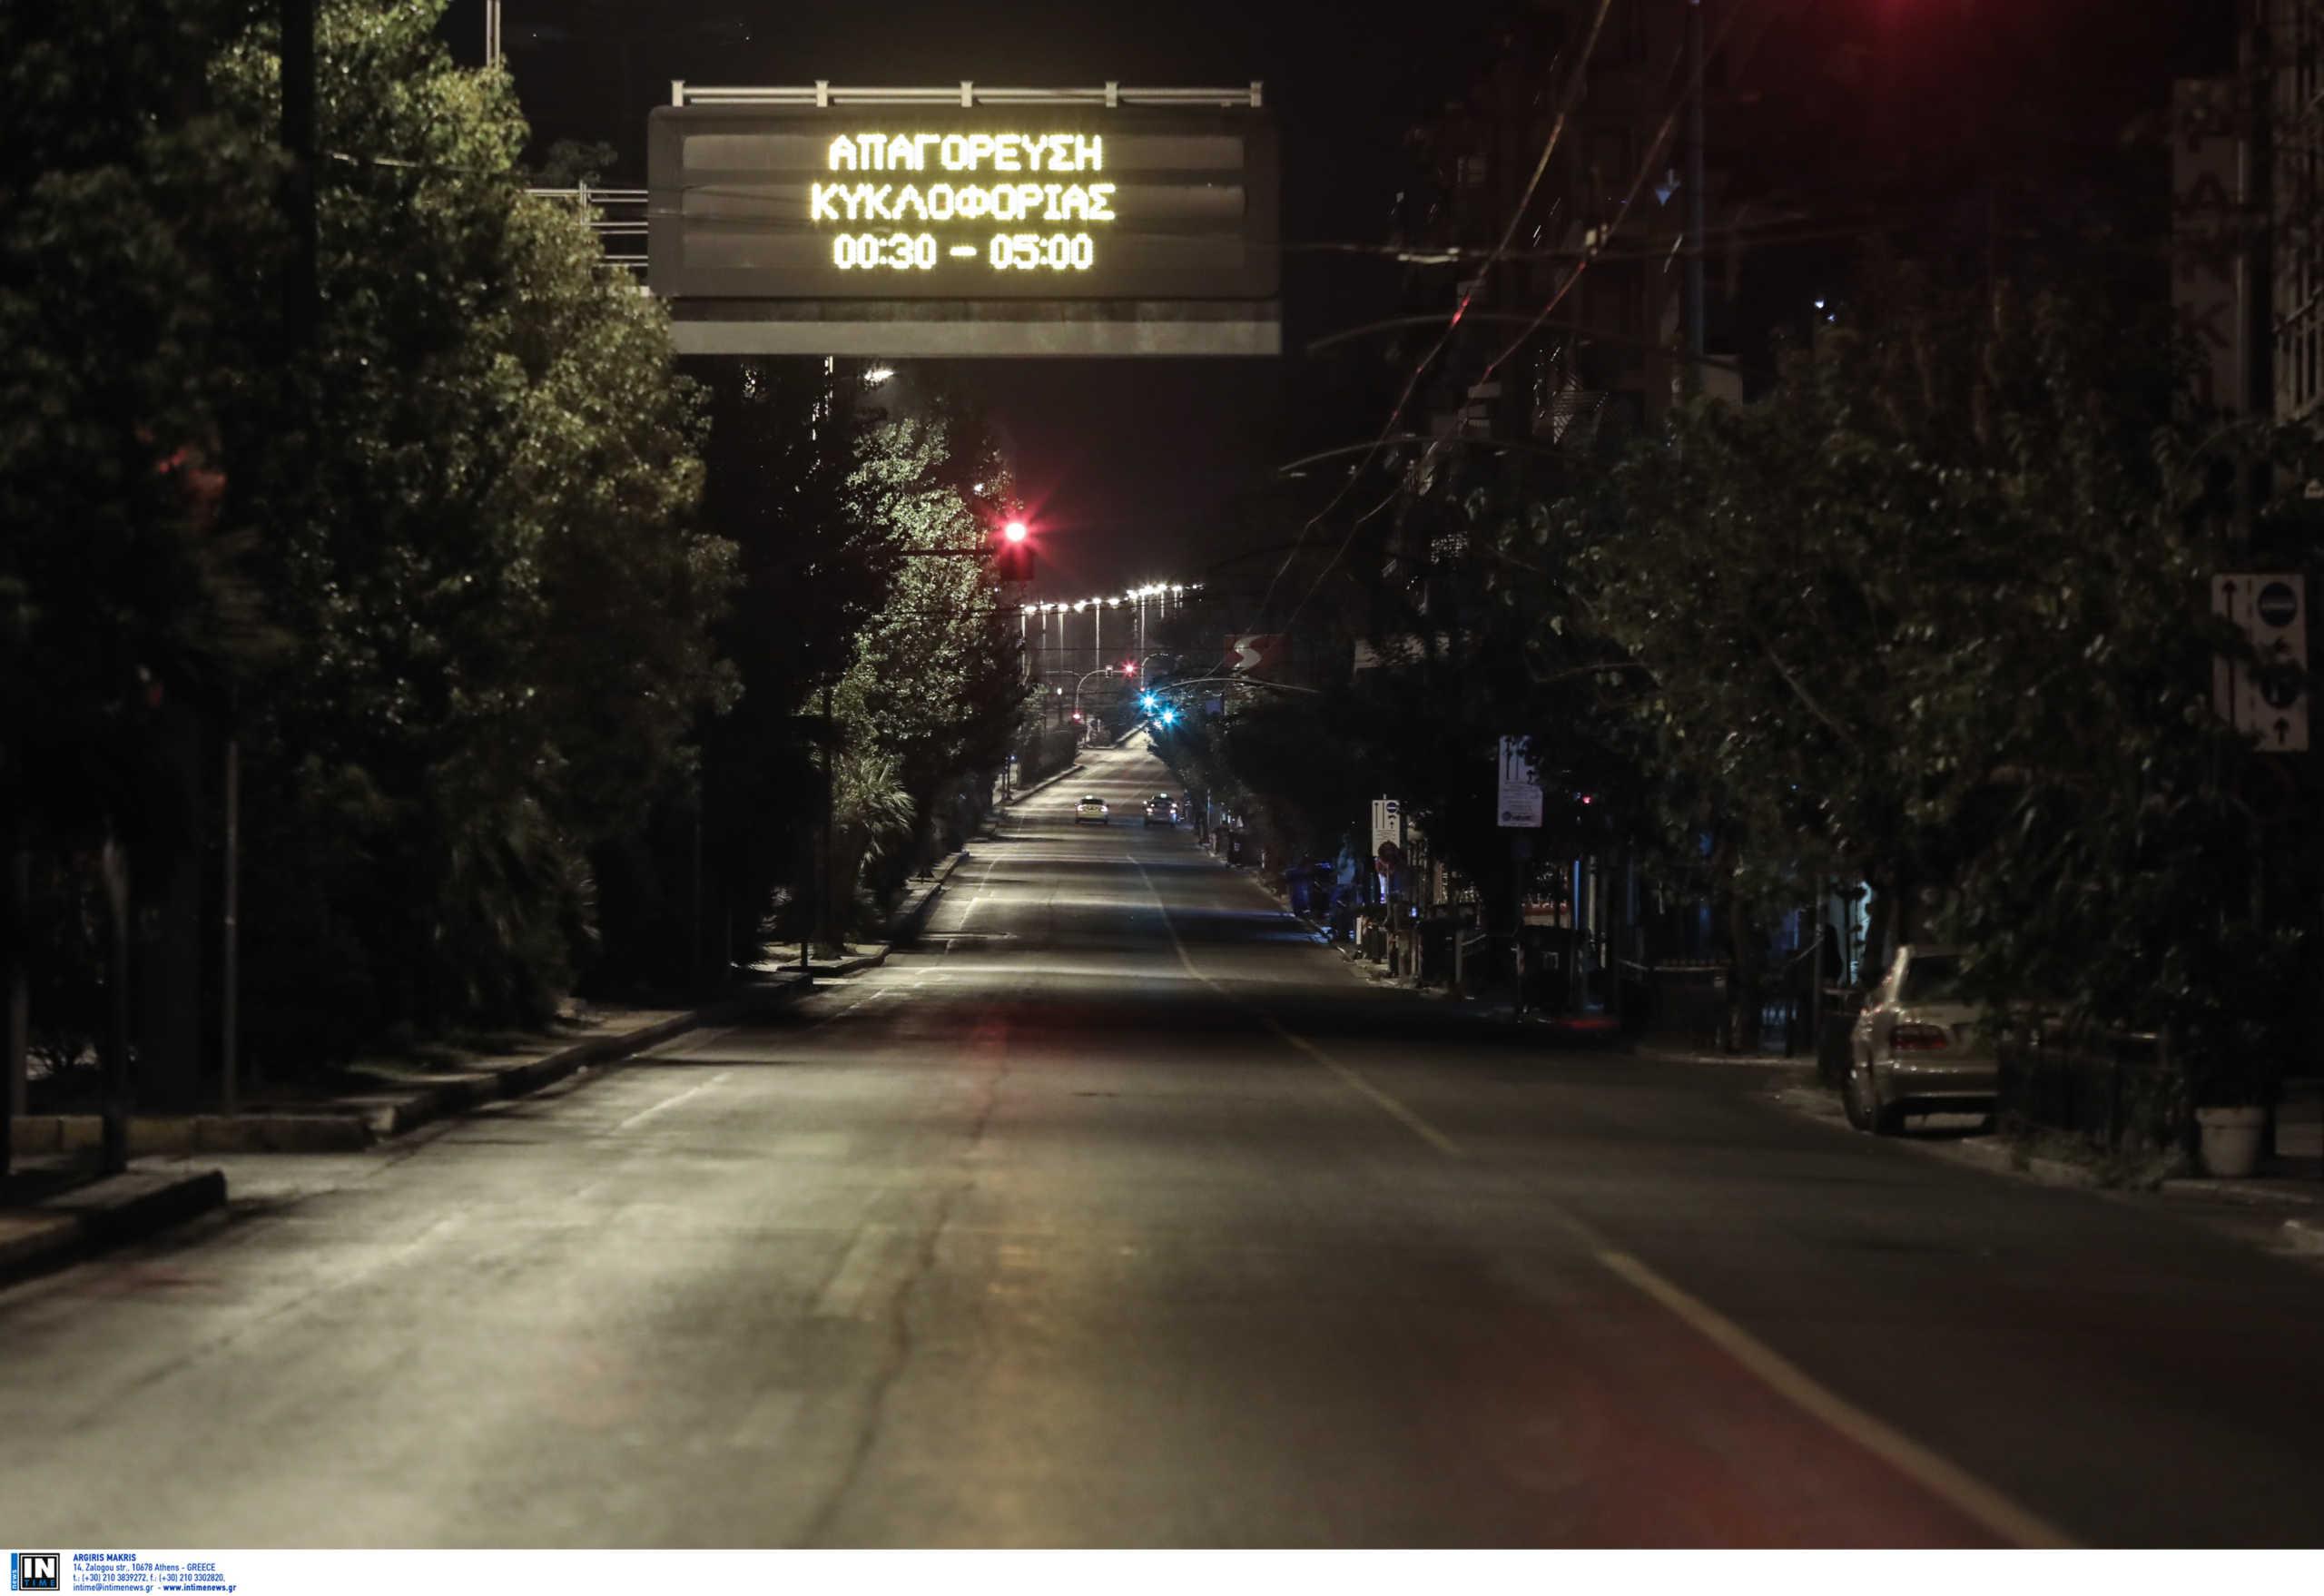 Κορονοϊός: Γιατί η Πέμπτη είναι κρίσιμη για το lockdown – Τι θα κρίνει την παράταση